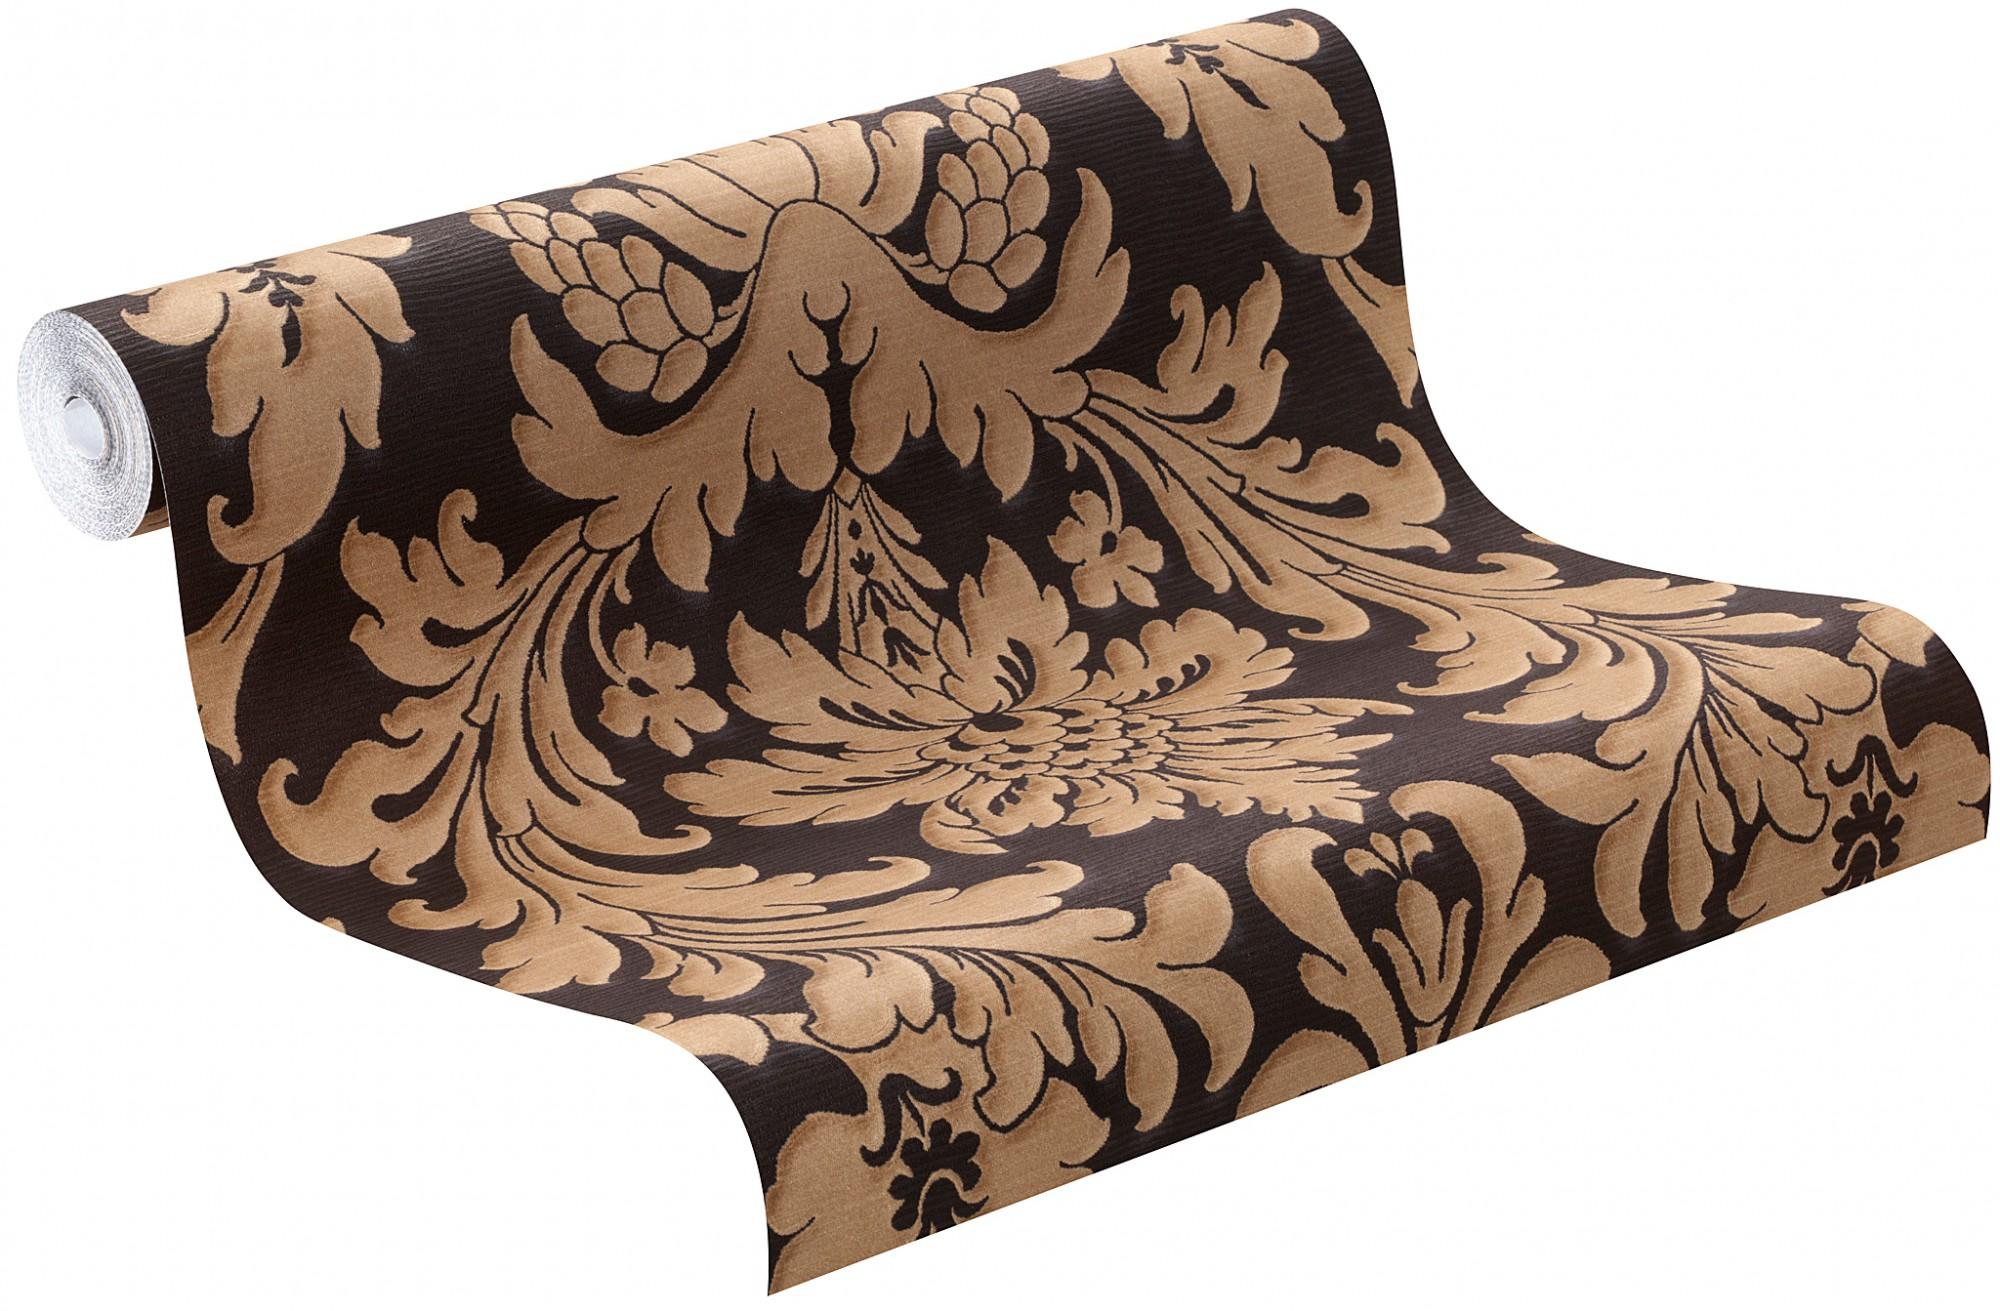 trianon tapete 513691 rasch vliestapete barock schwarz braun. Black Bedroom Furniture Sets. Home Design Ideas